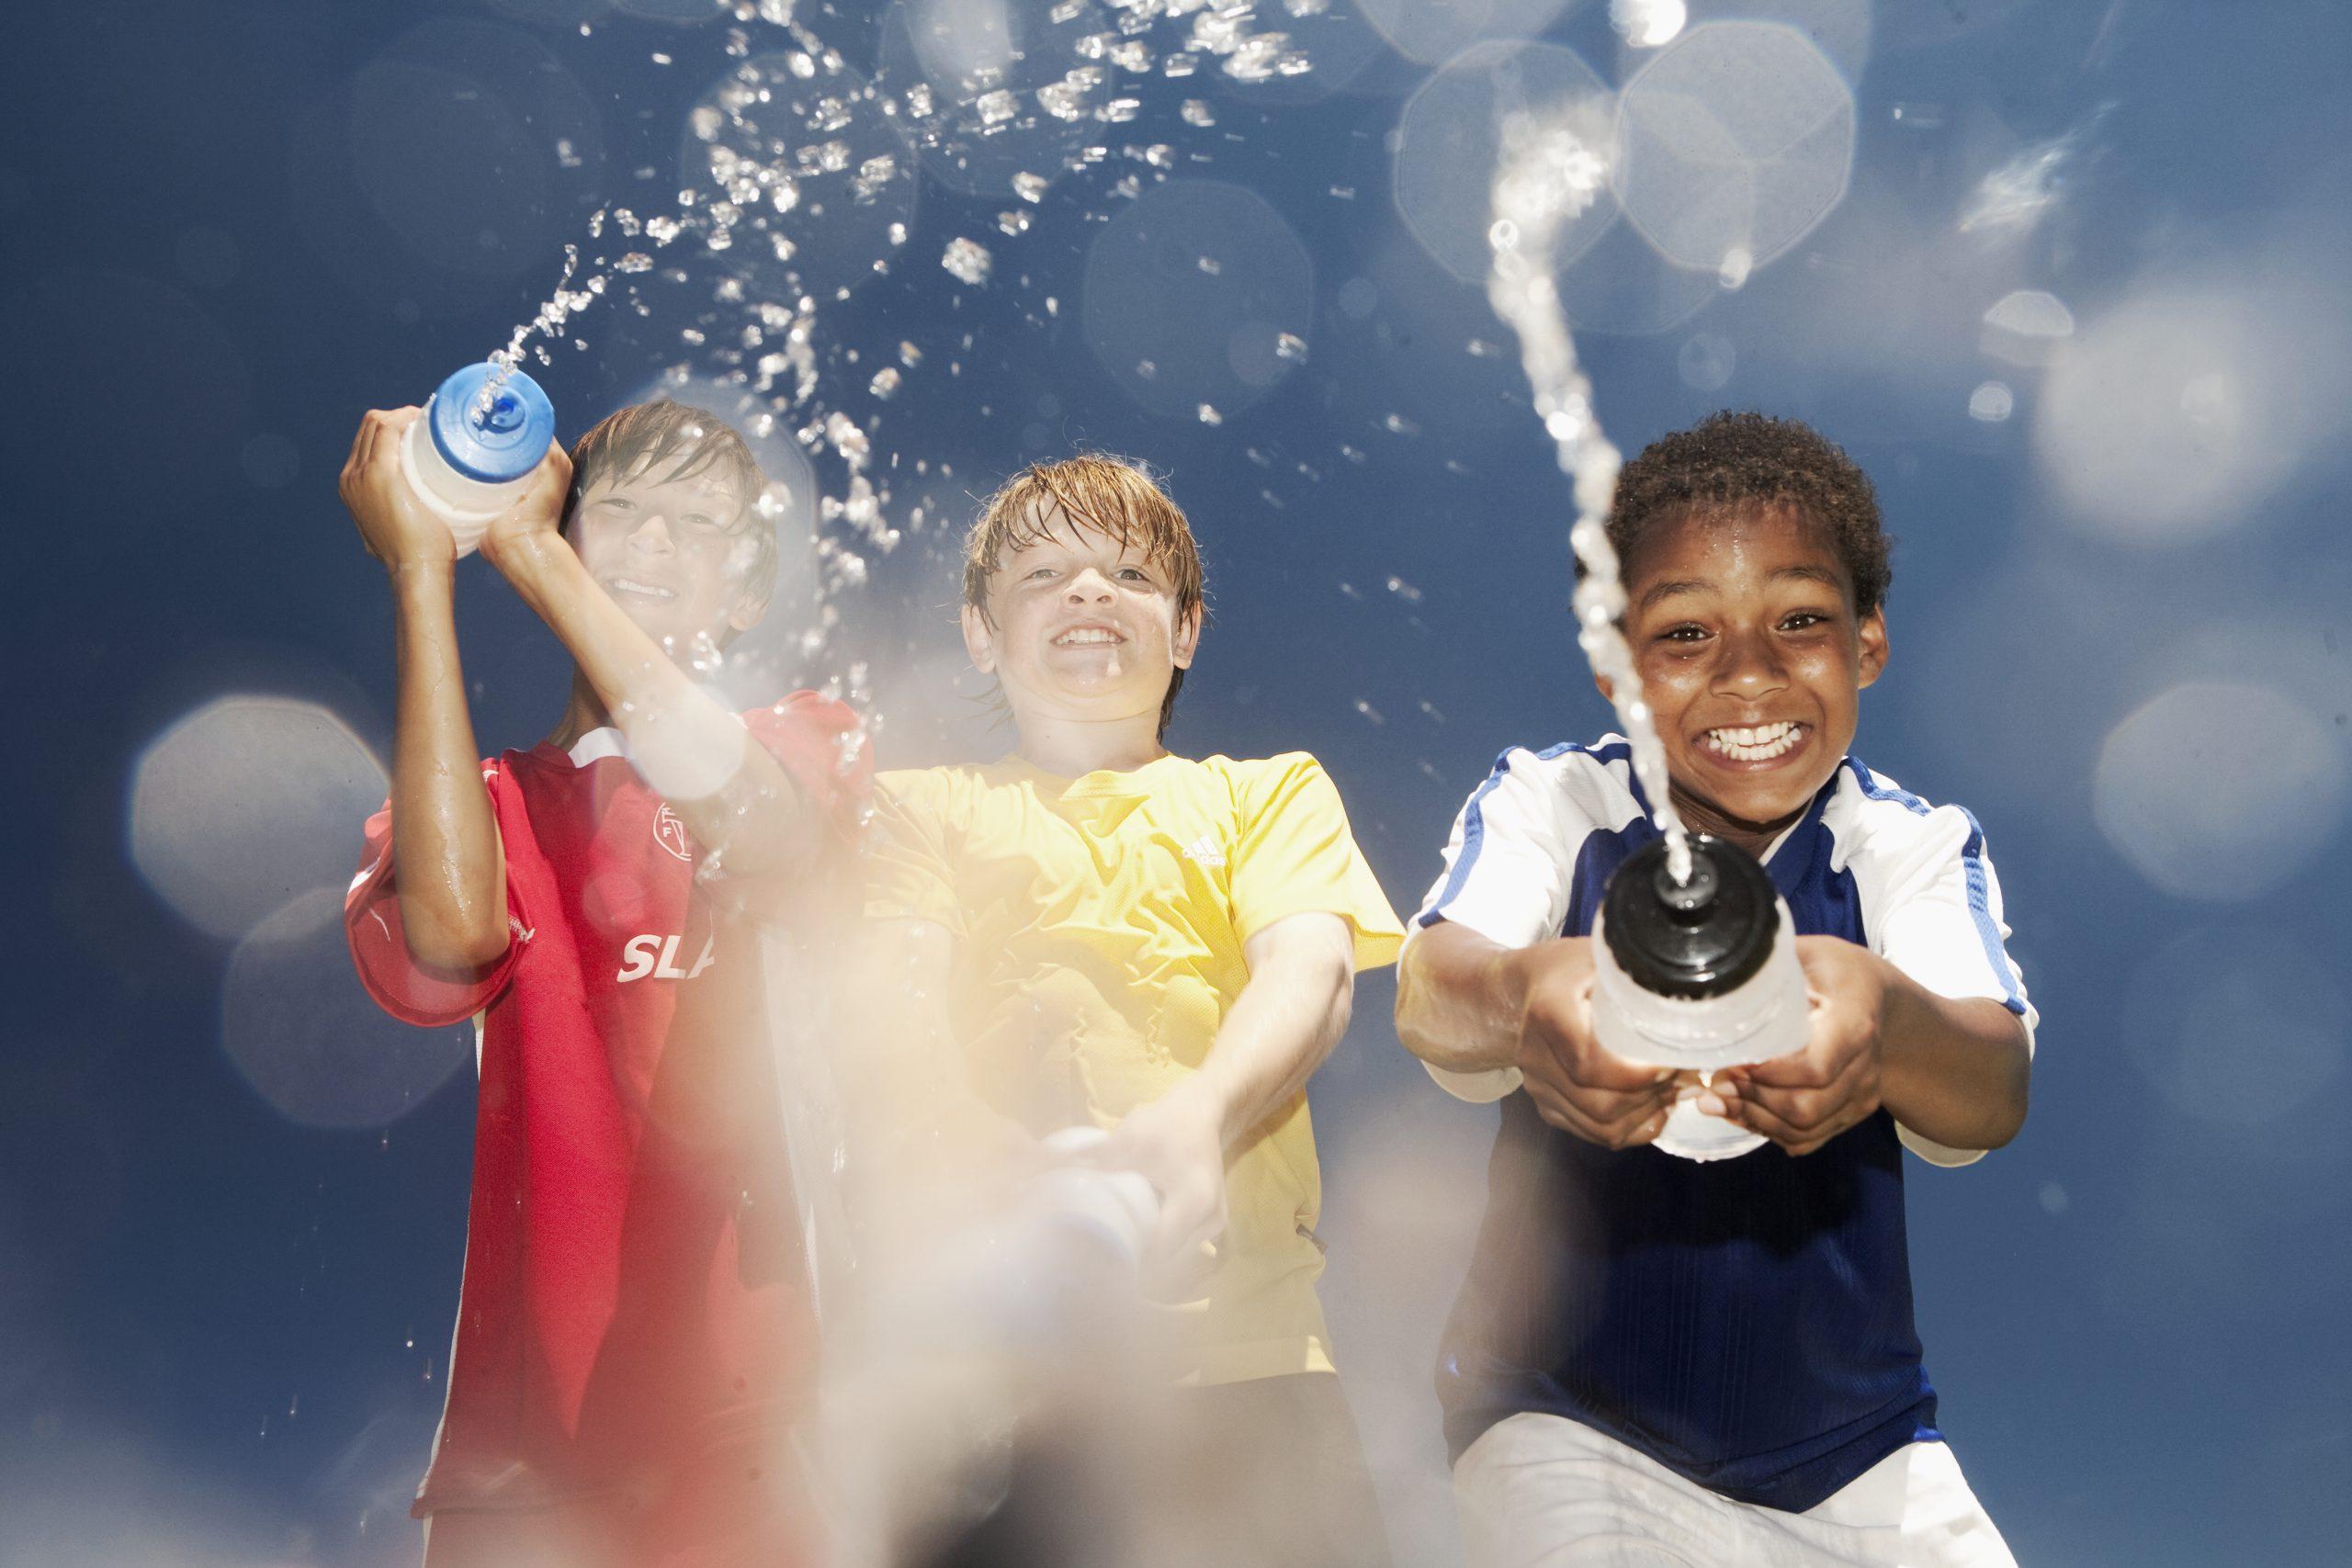 Une bataille d'eau entre enfants avec des vaporisateurs